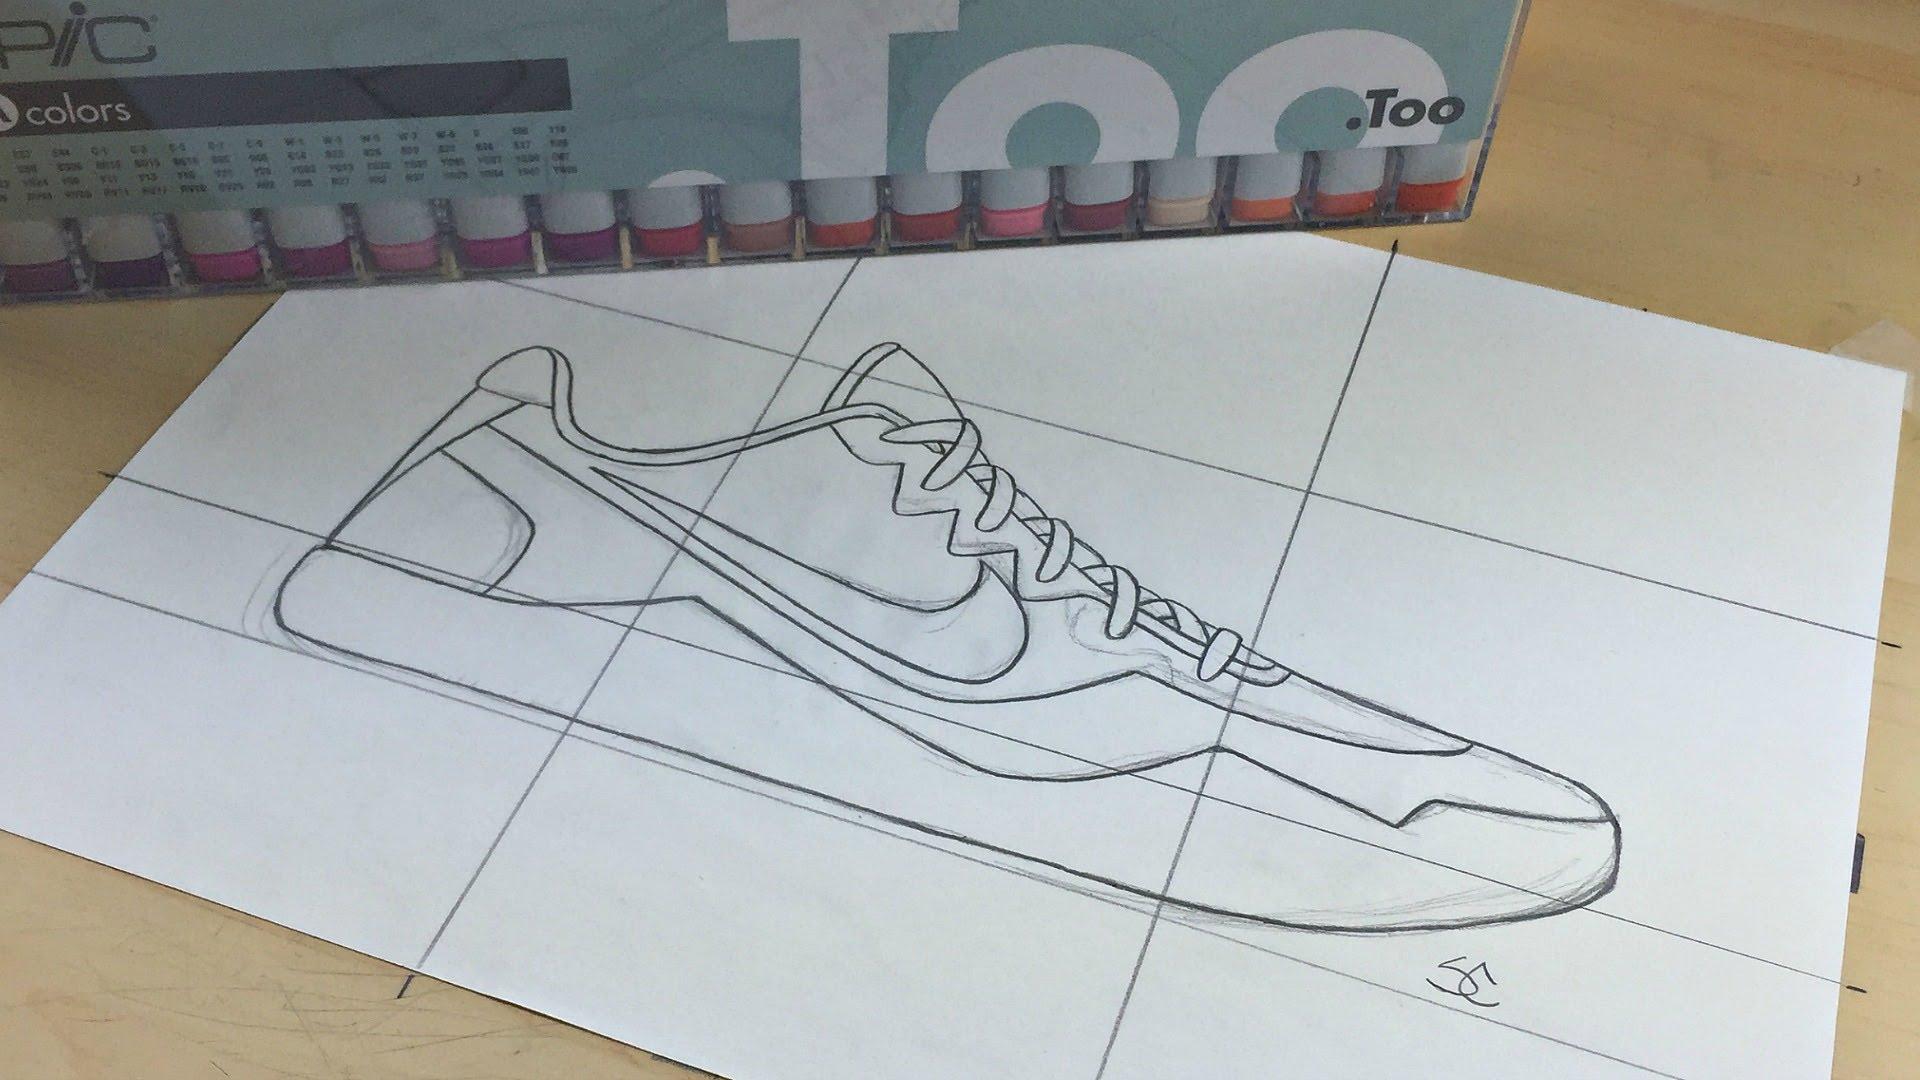 Drawn sneakers kobe 9 To Kobe To YouTube 11